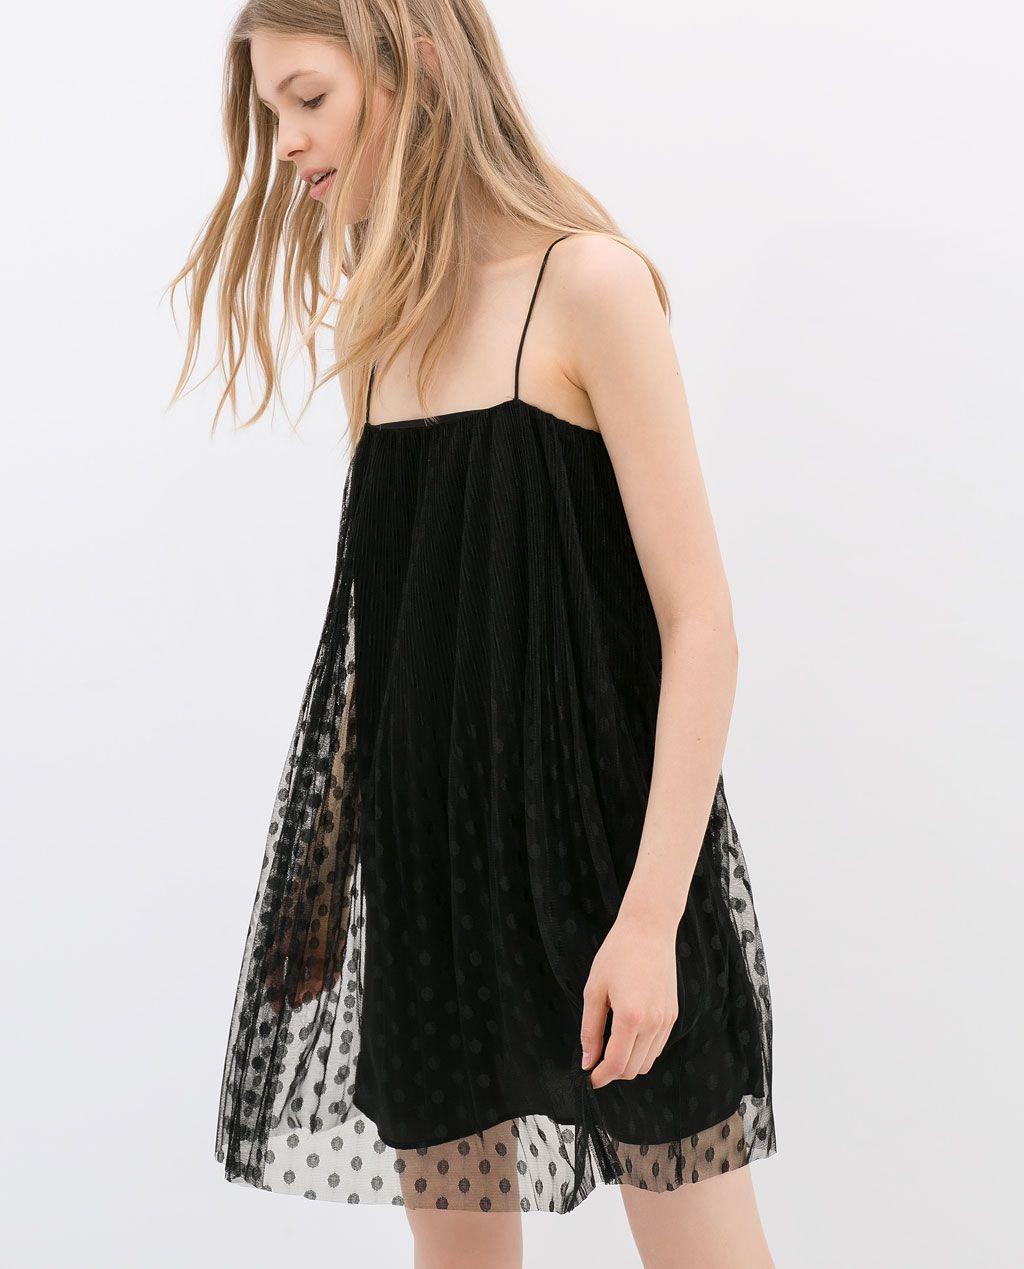 Plumetti Dress Woman New This Week Zara United Kingdom Sheer Overlay Dress Pretty Robes Dresses [ 1269 x 1024 Pixel ]